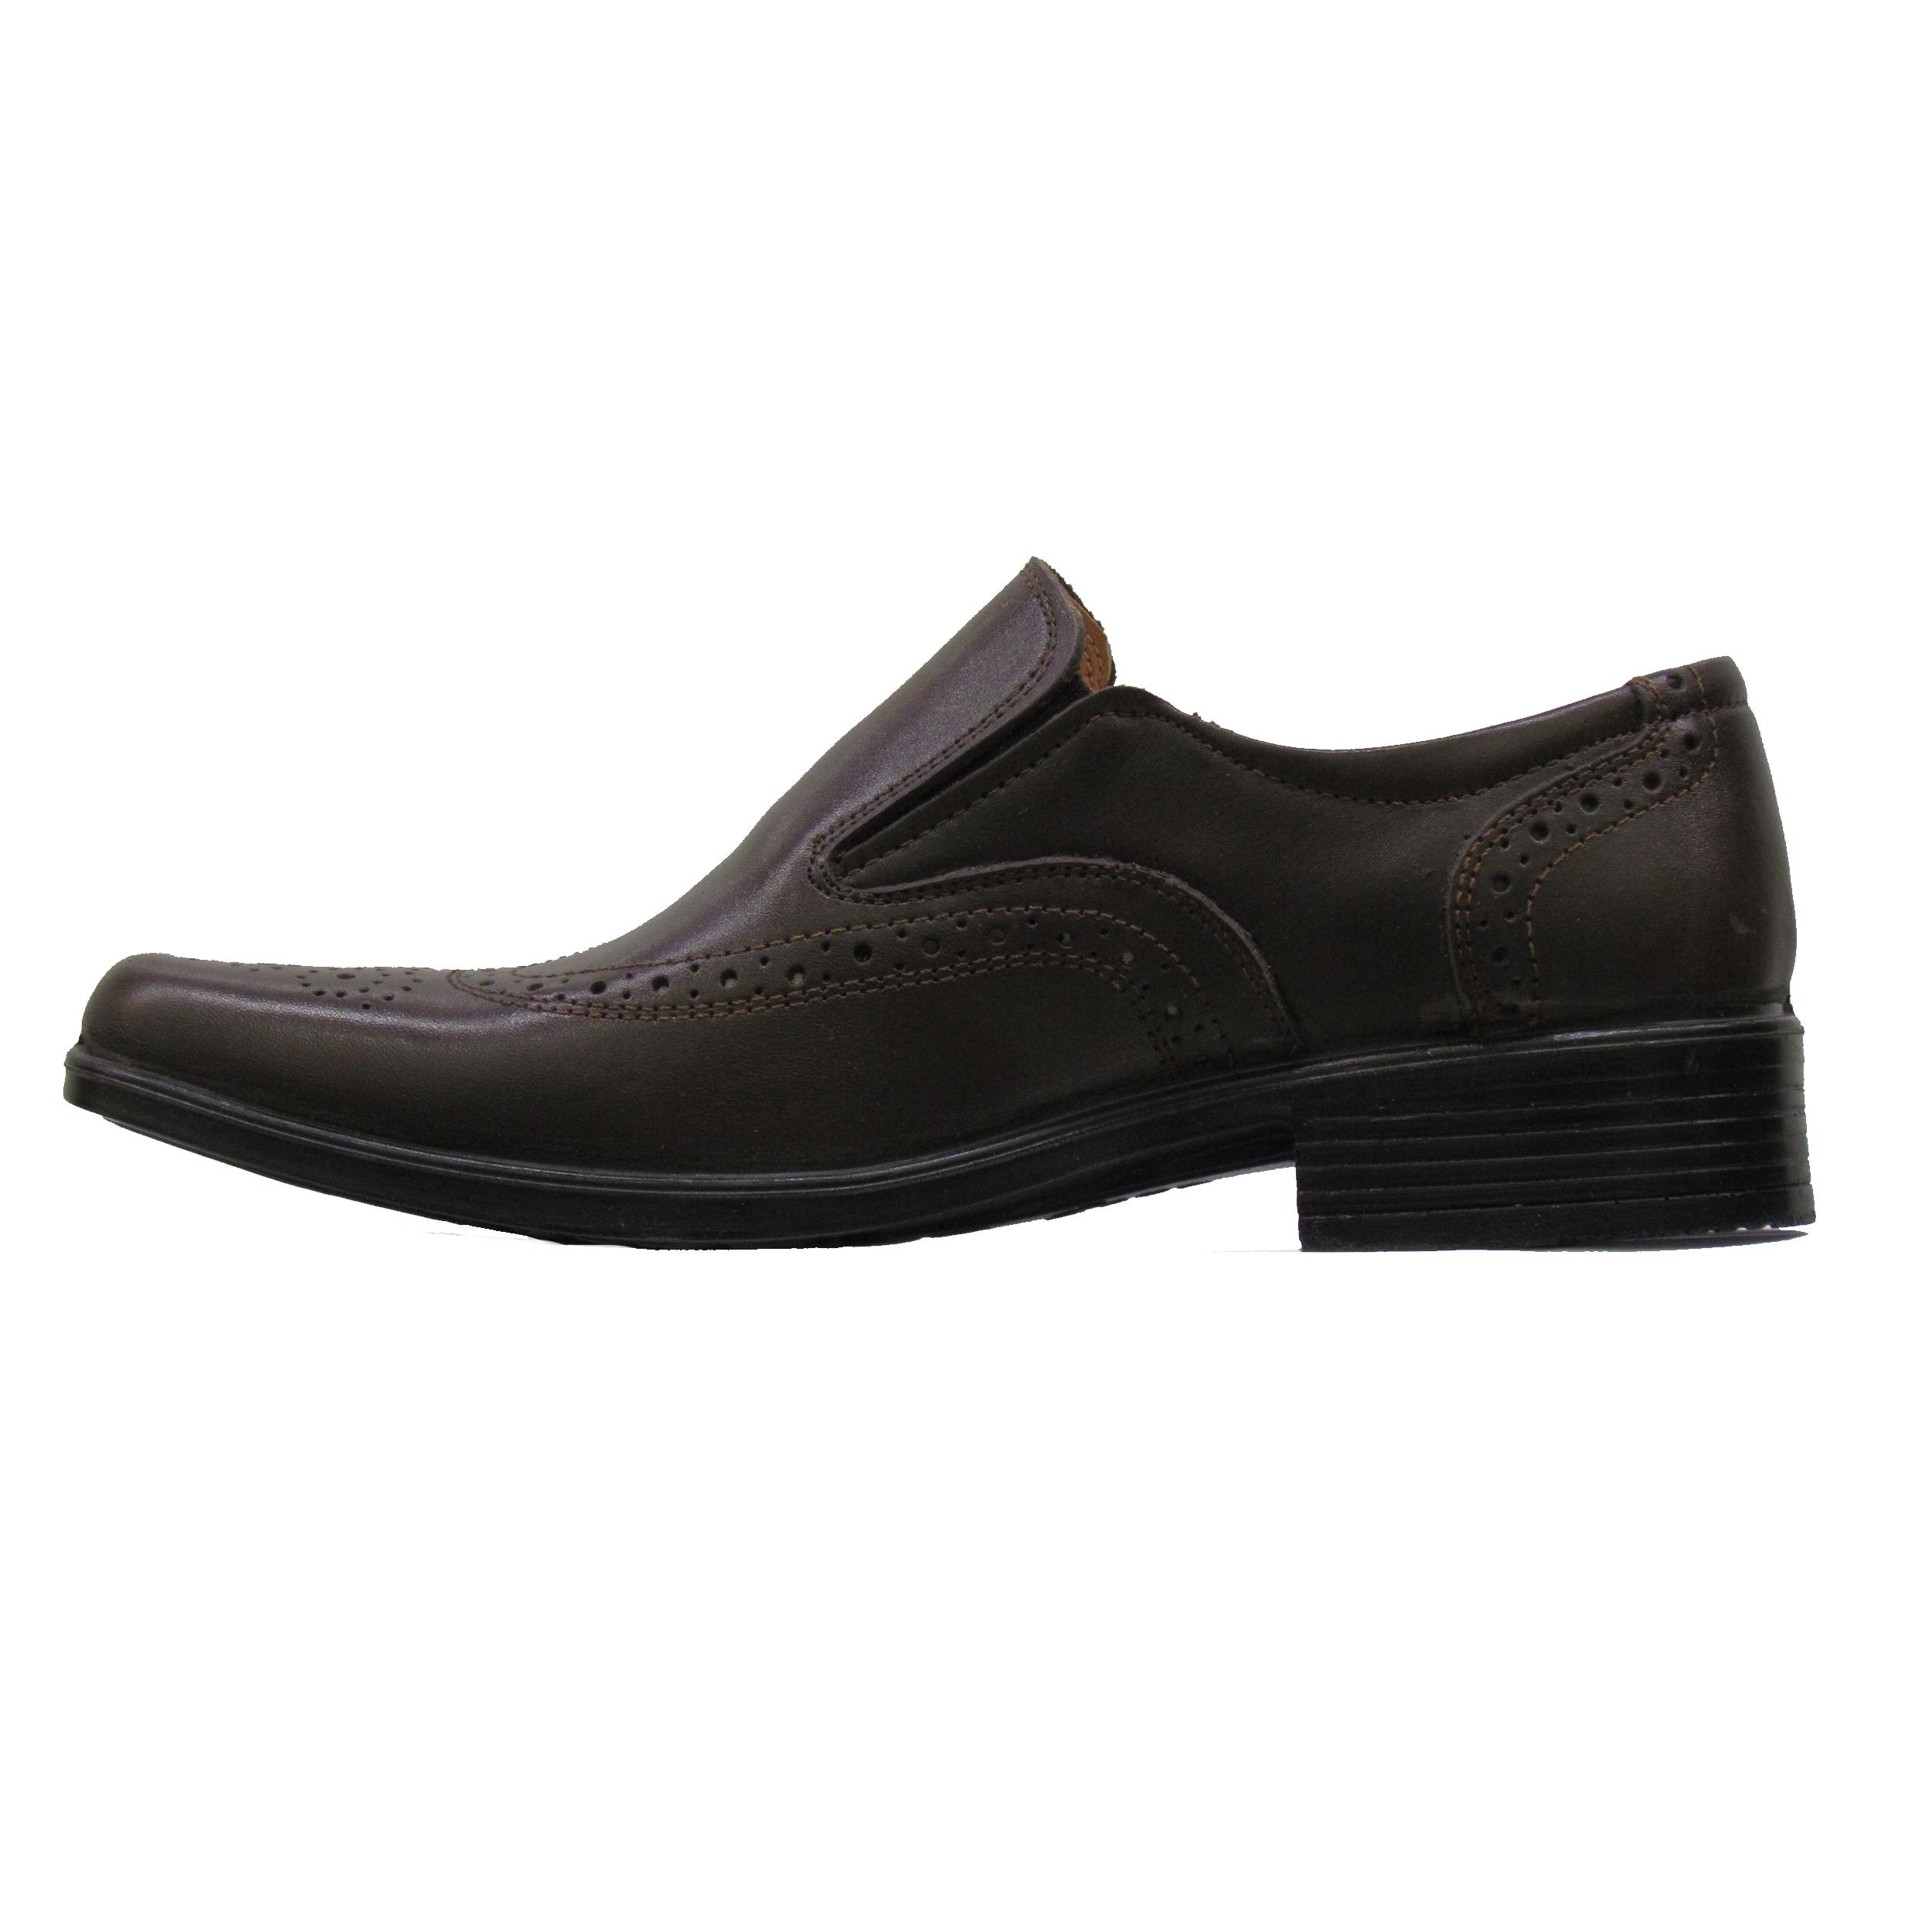 کفش مردانه چرم طبیعی عبدی مدل 1381 MIRACLE